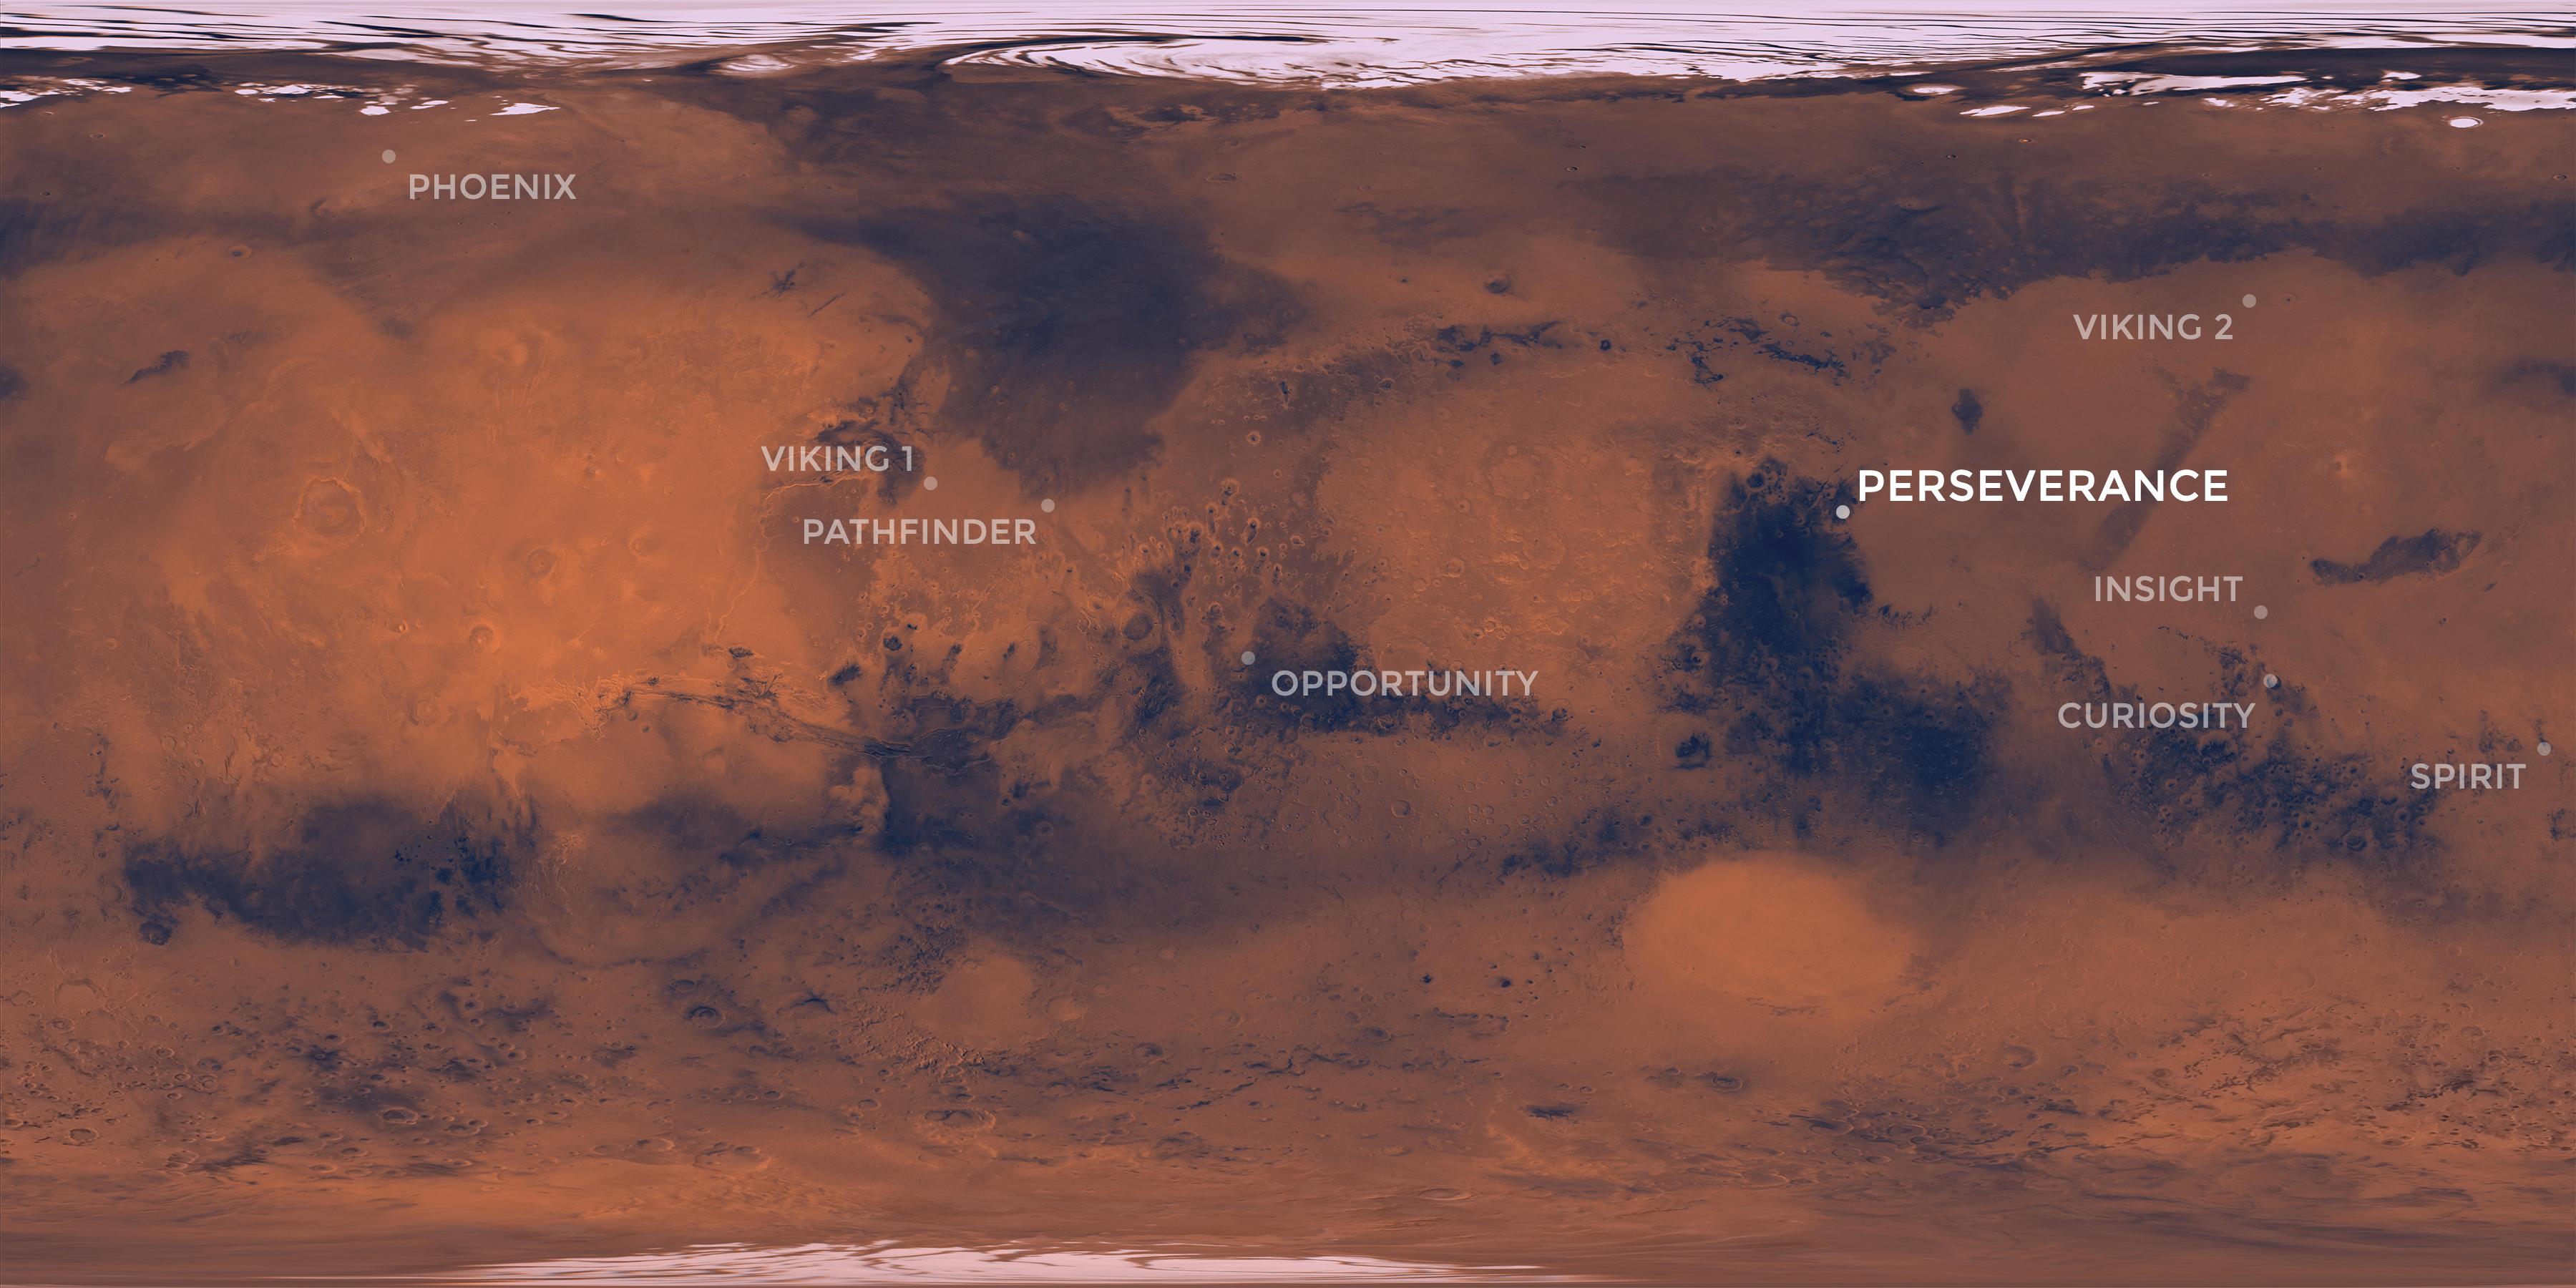 Cette carte de Mars montre le site d'atterrissage du rover Perseverance de la NASA dans le cratère Jezero, ainsi que les endroits où toutes les autres missions réussies de la NASA sur Mars ont atterri.